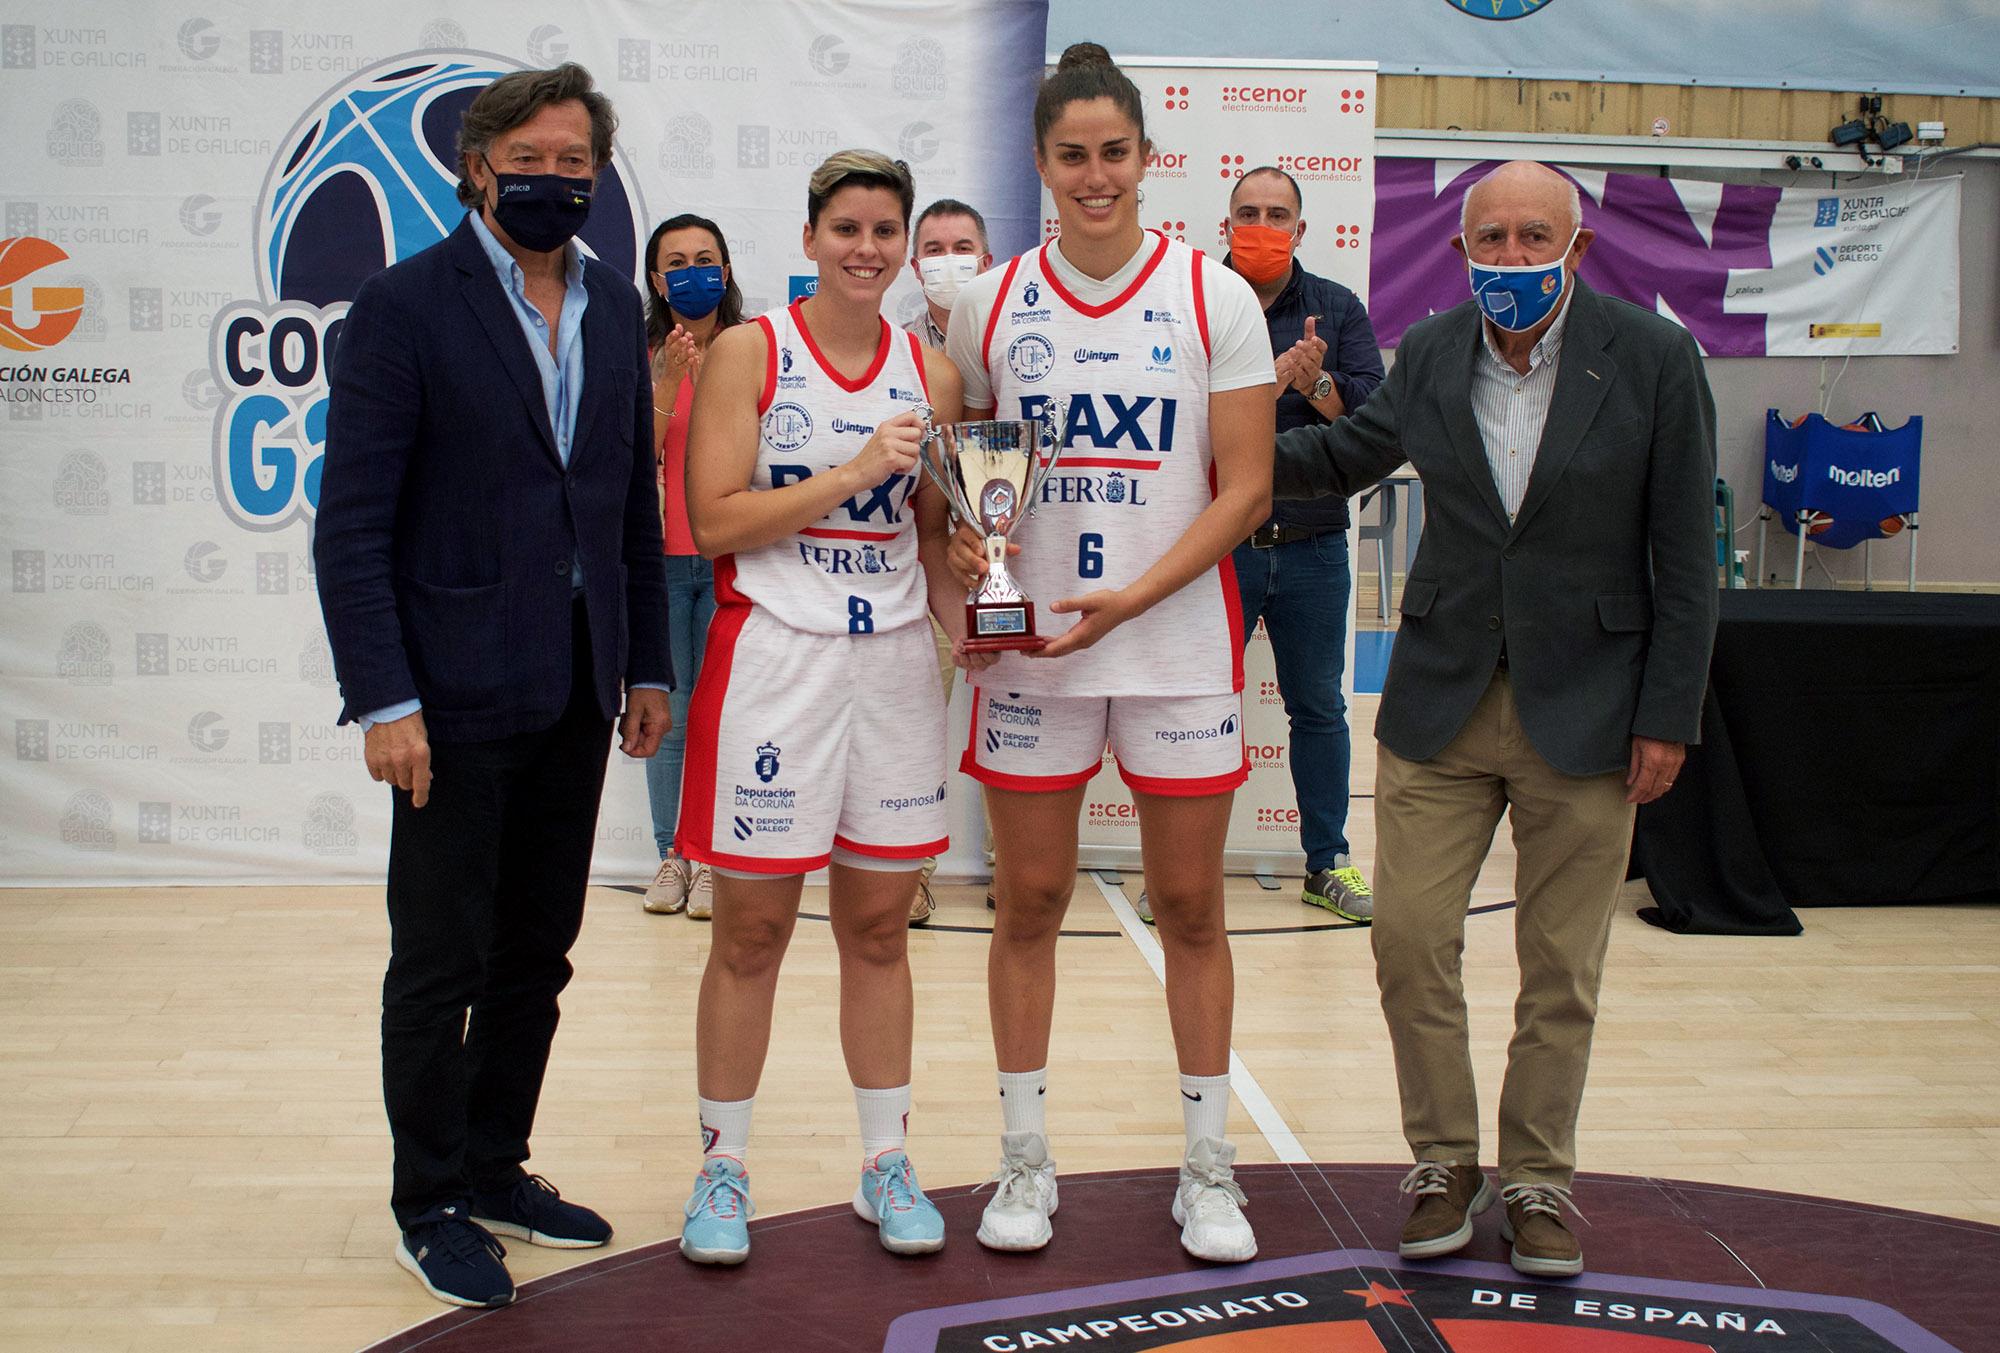 As capitás do BAXI recollen a Copa Galicia / UNIFERROL